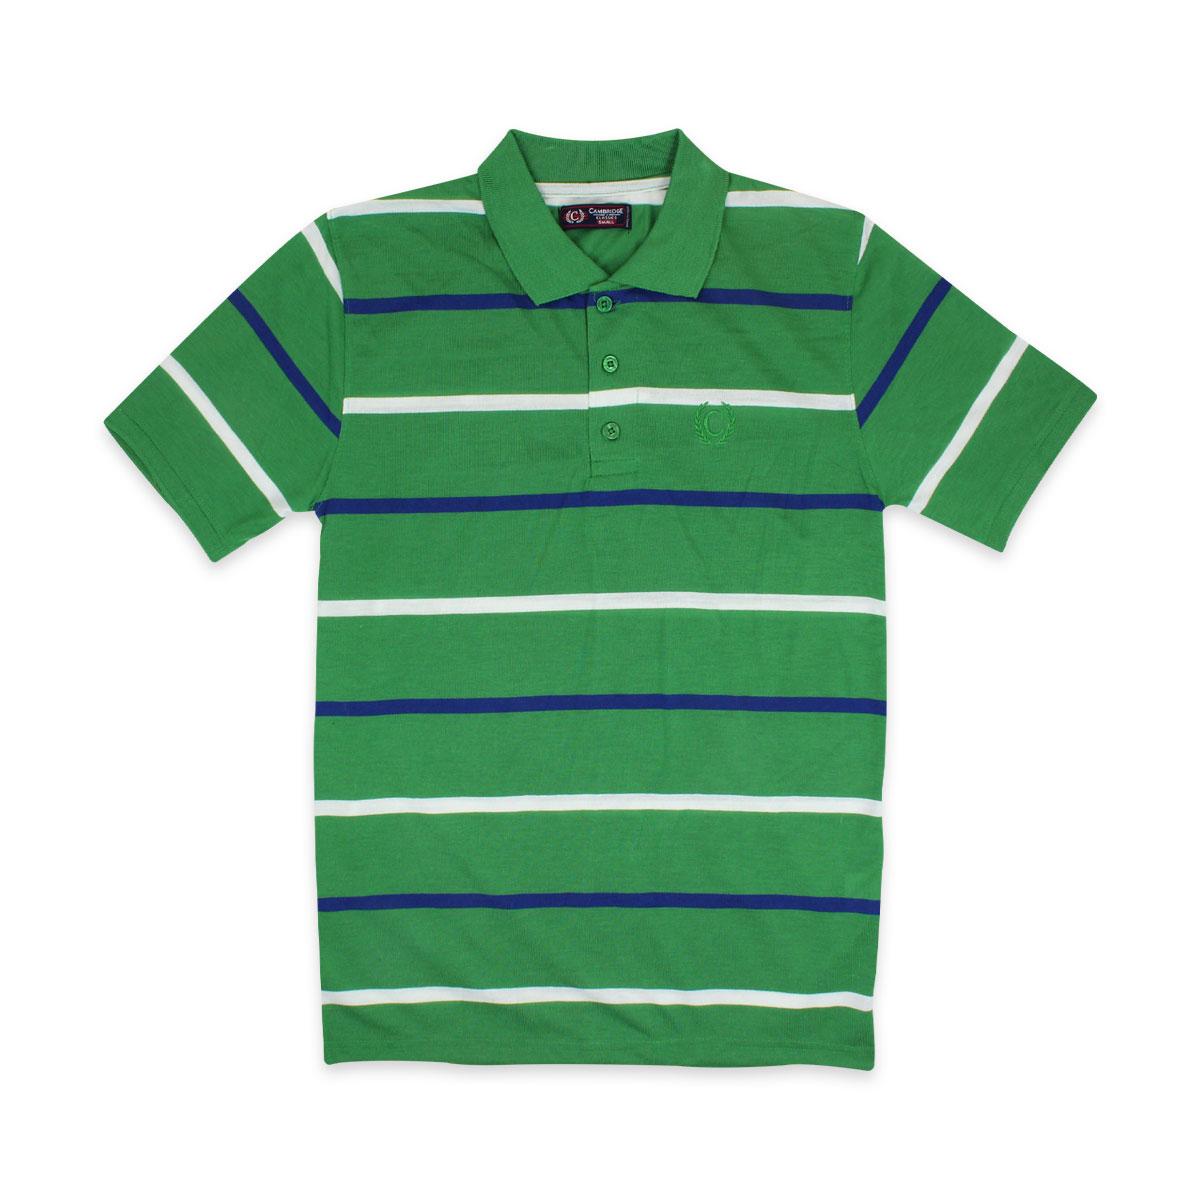 Camisas-Polo-Para-Hombre-A-Rayas-Pique-Con-Cuello-camiseta-Camiseta-Manga-Corta-De-Verano-S-M-L-XL miniatura 19